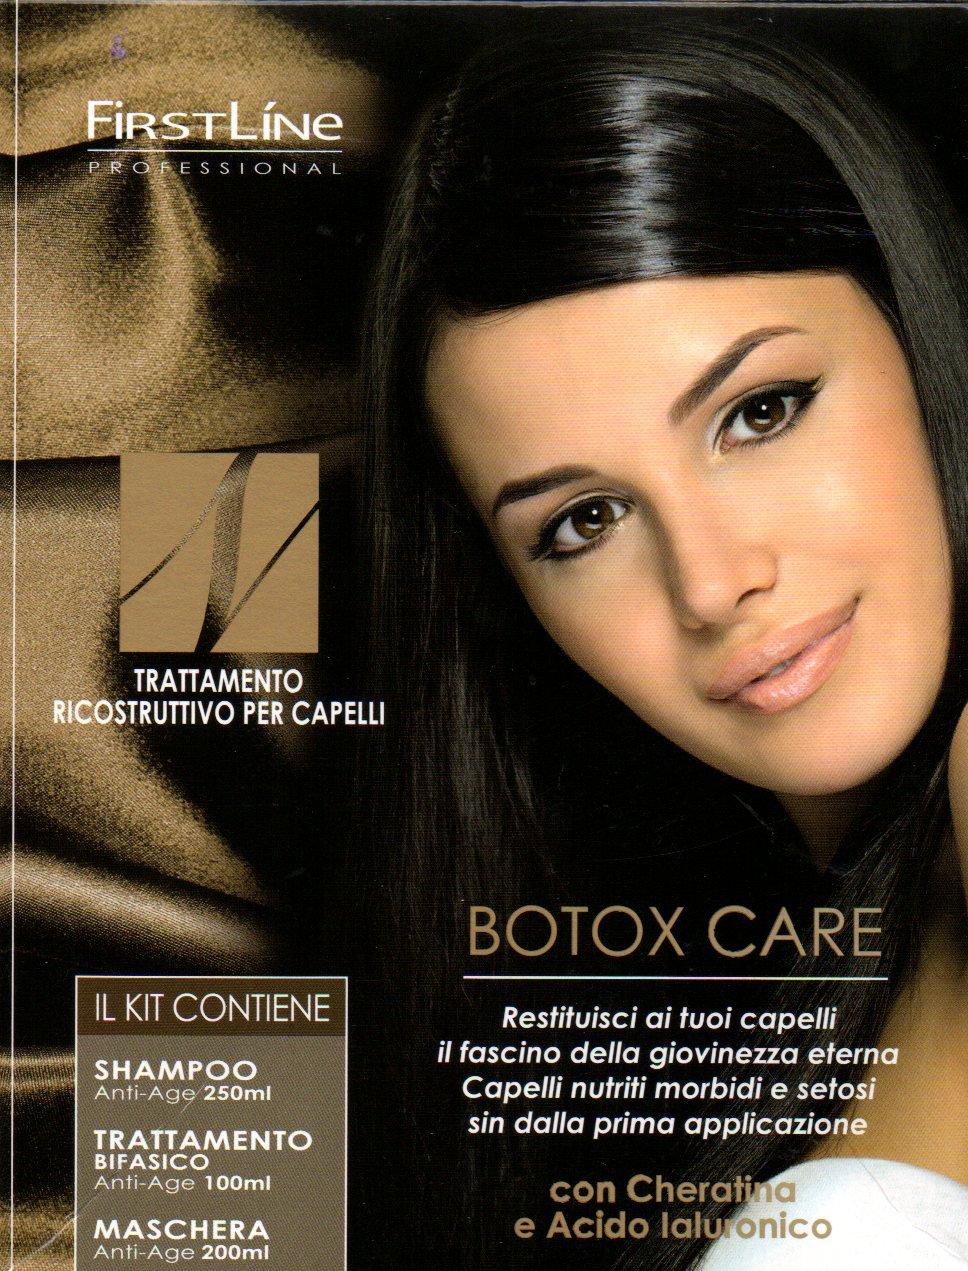 Kit Botox Jalurox Ricostruzione Per Capelli In 3 Fasi Trattamento